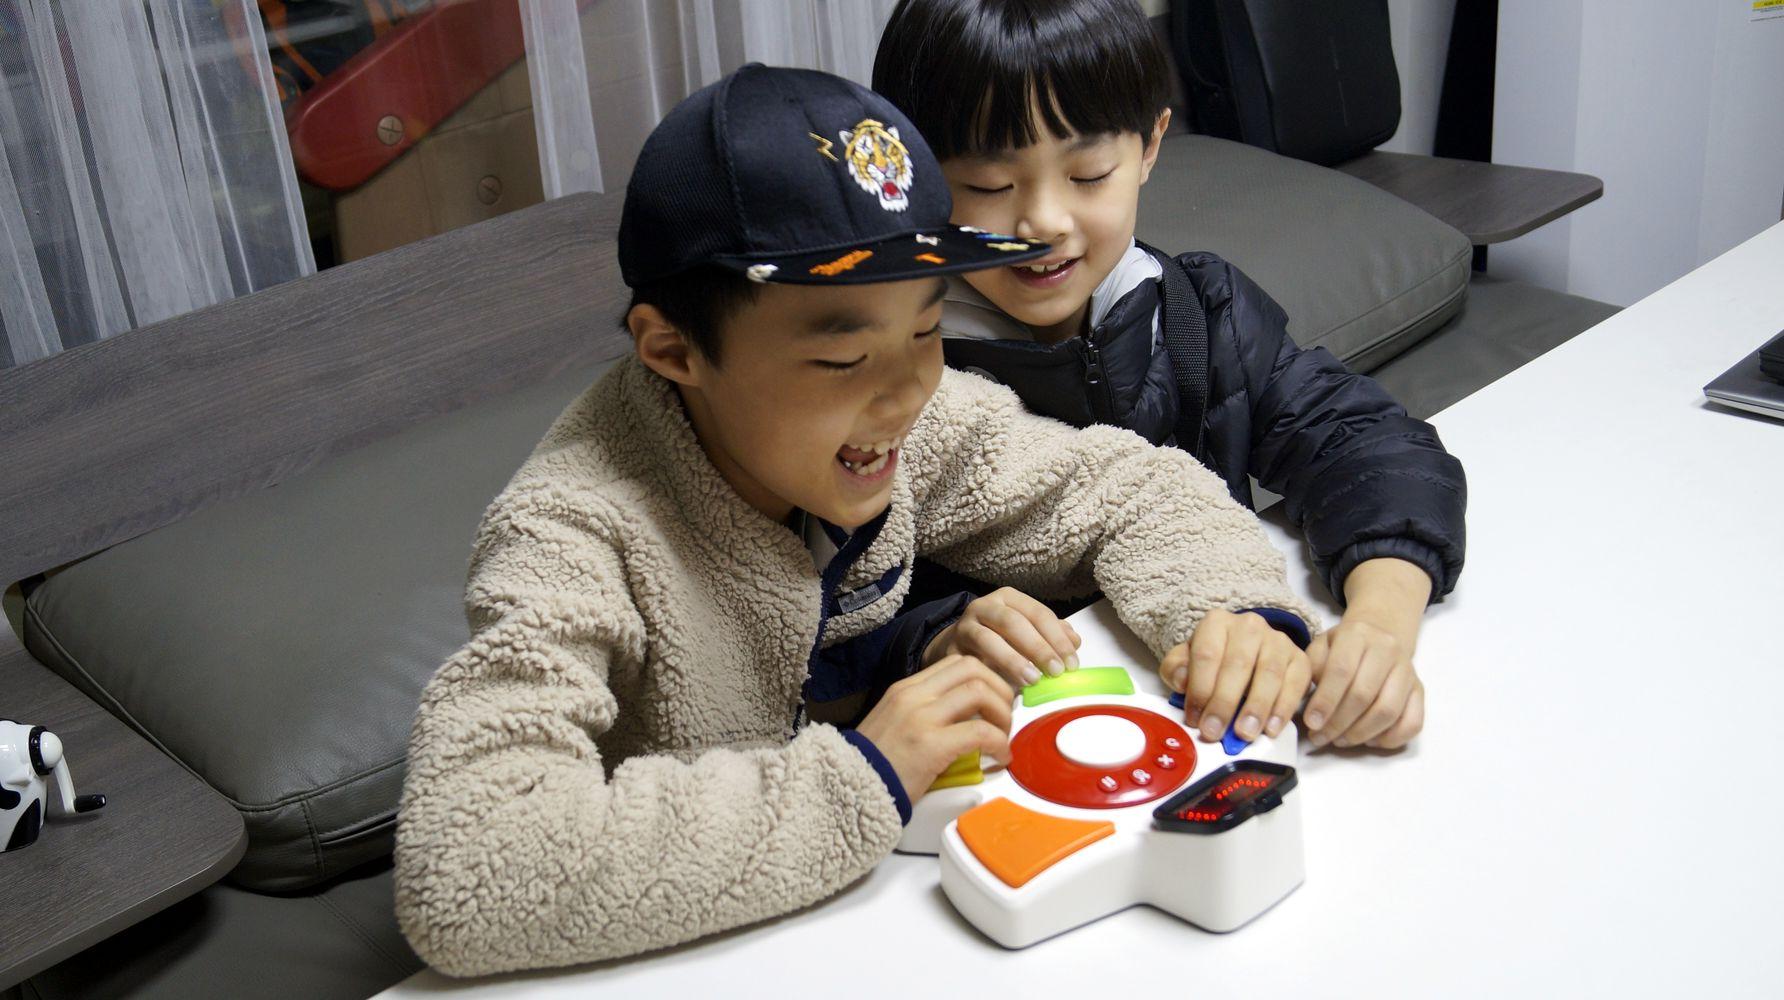 초성로봇으로 초성게임하는 아이들